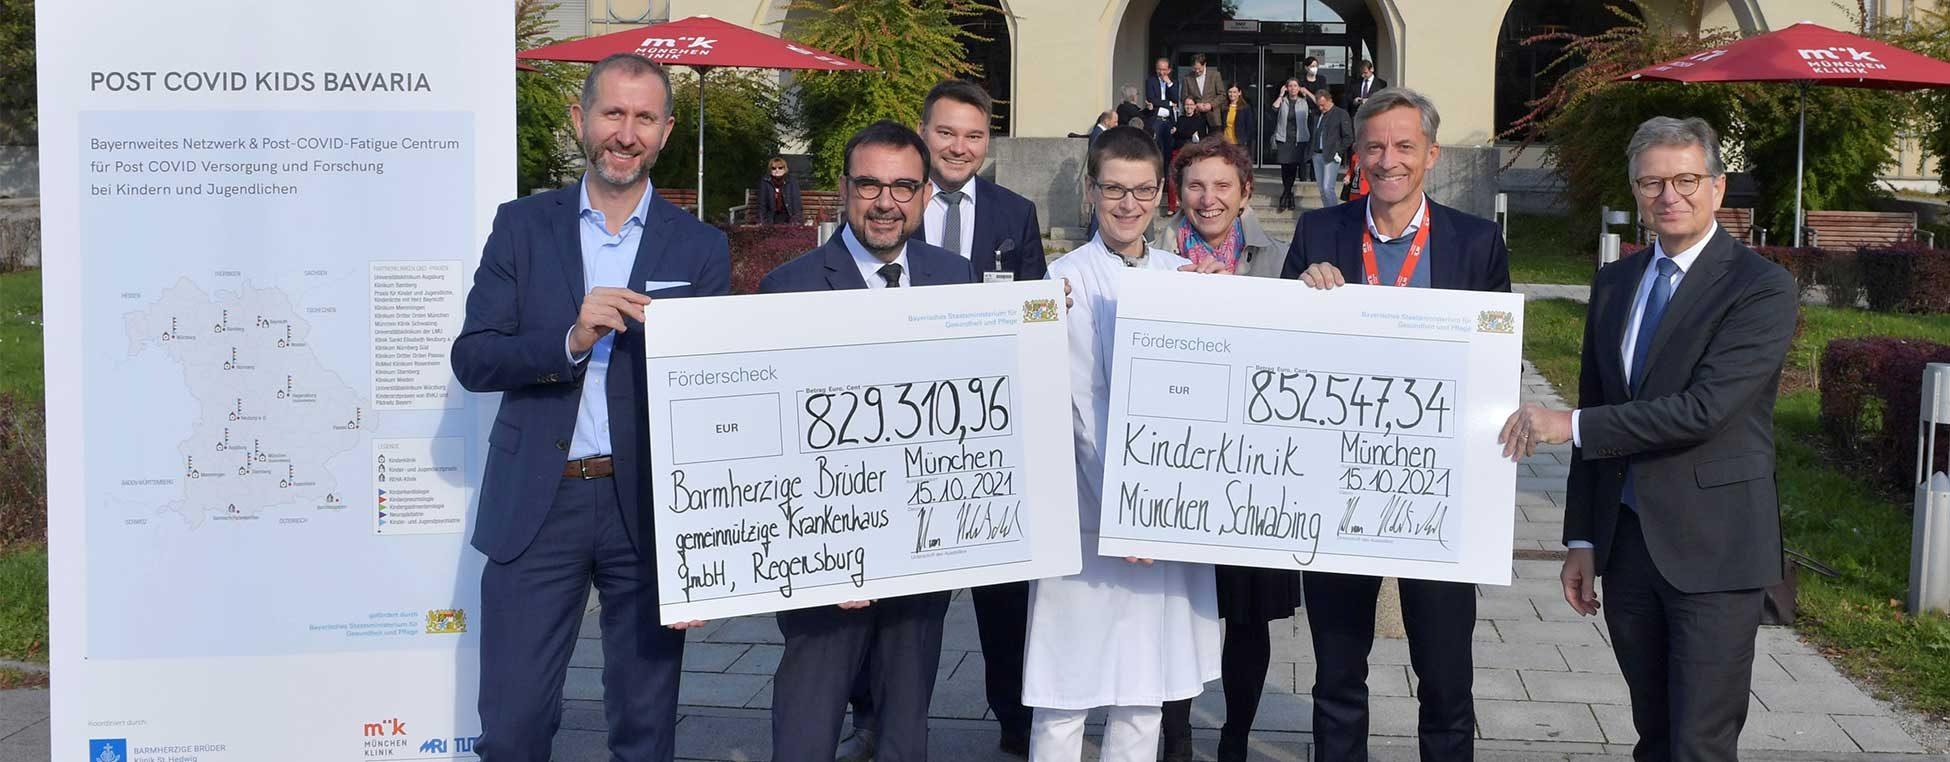 """Bayerns Gesundheitsminister Klaus Holetschek überreicht die ersten Förderbescheide der Förderinitiative """"Versorgungsforschung zum Post-COVID-Syndrom"""